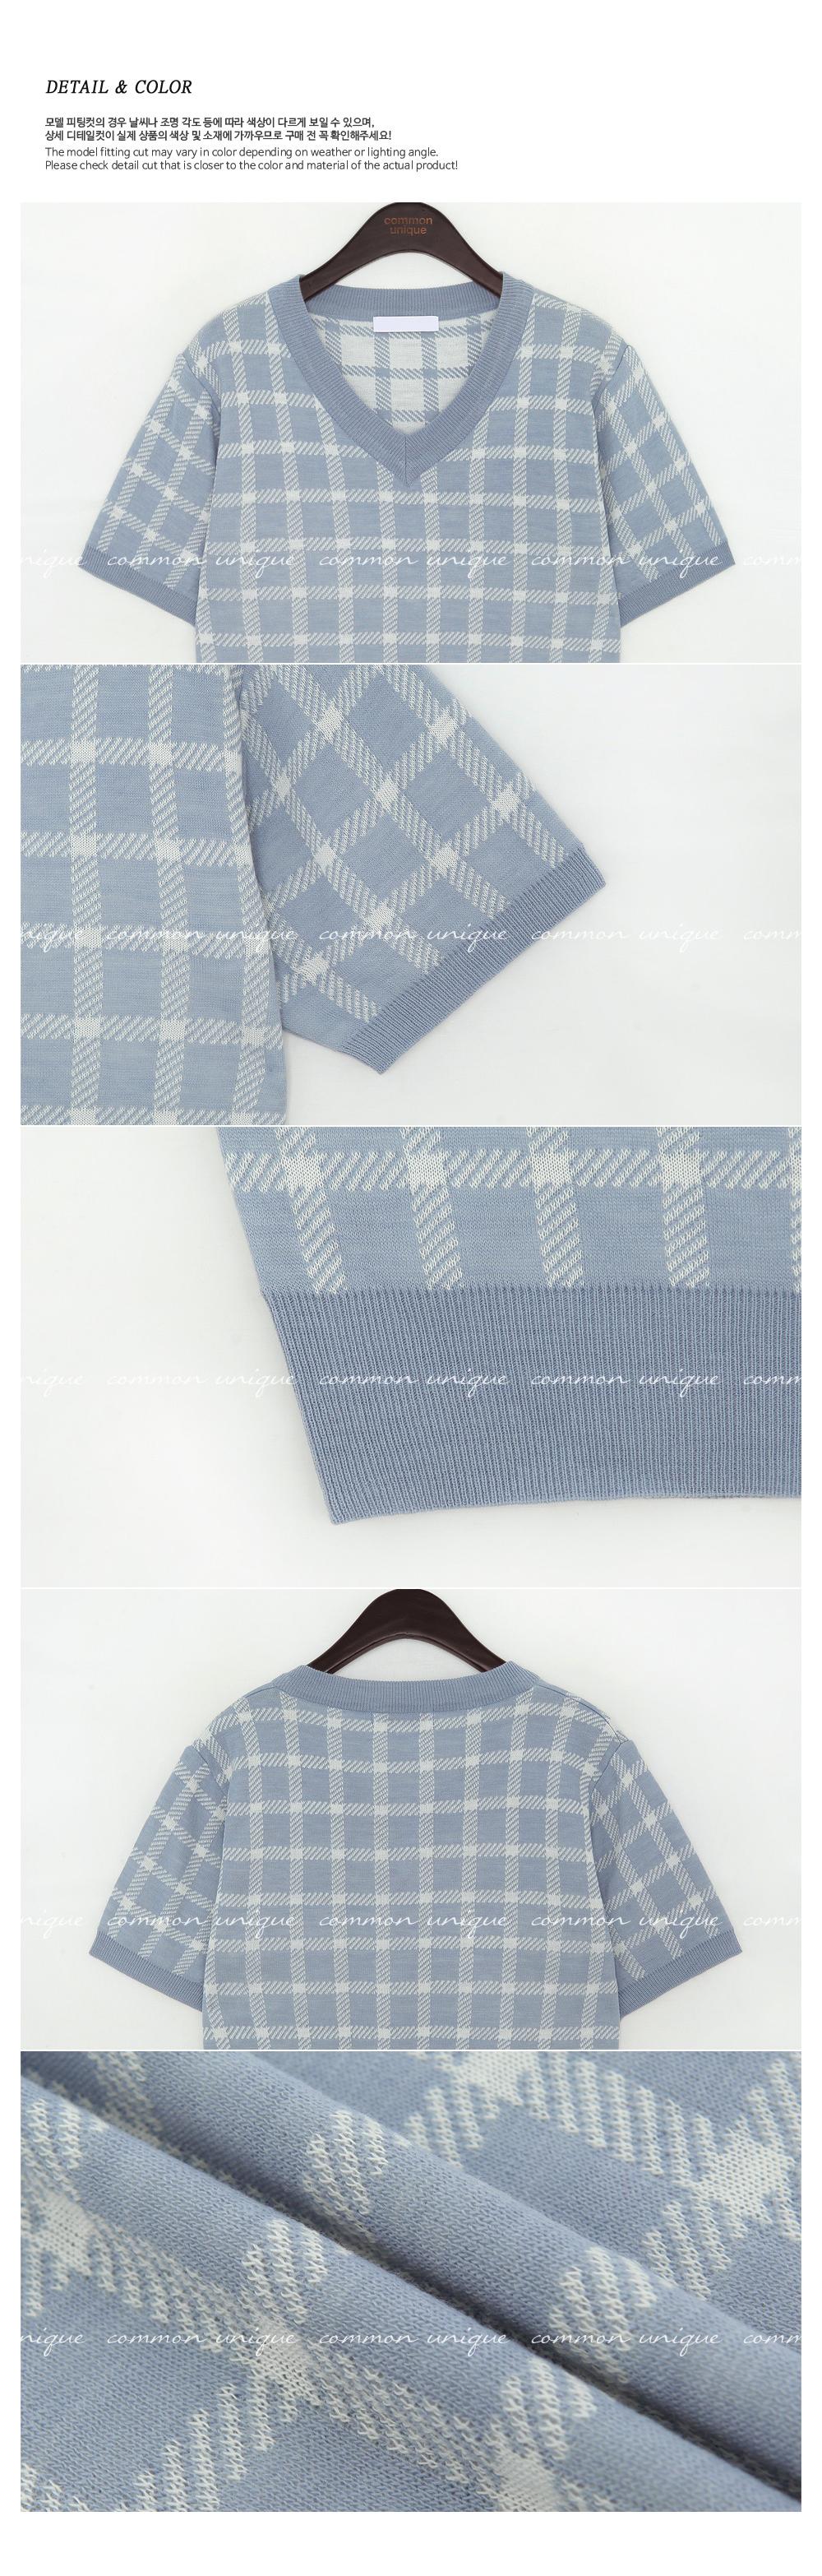 ドレス ラベンダー 商品カラー画像-S1L25